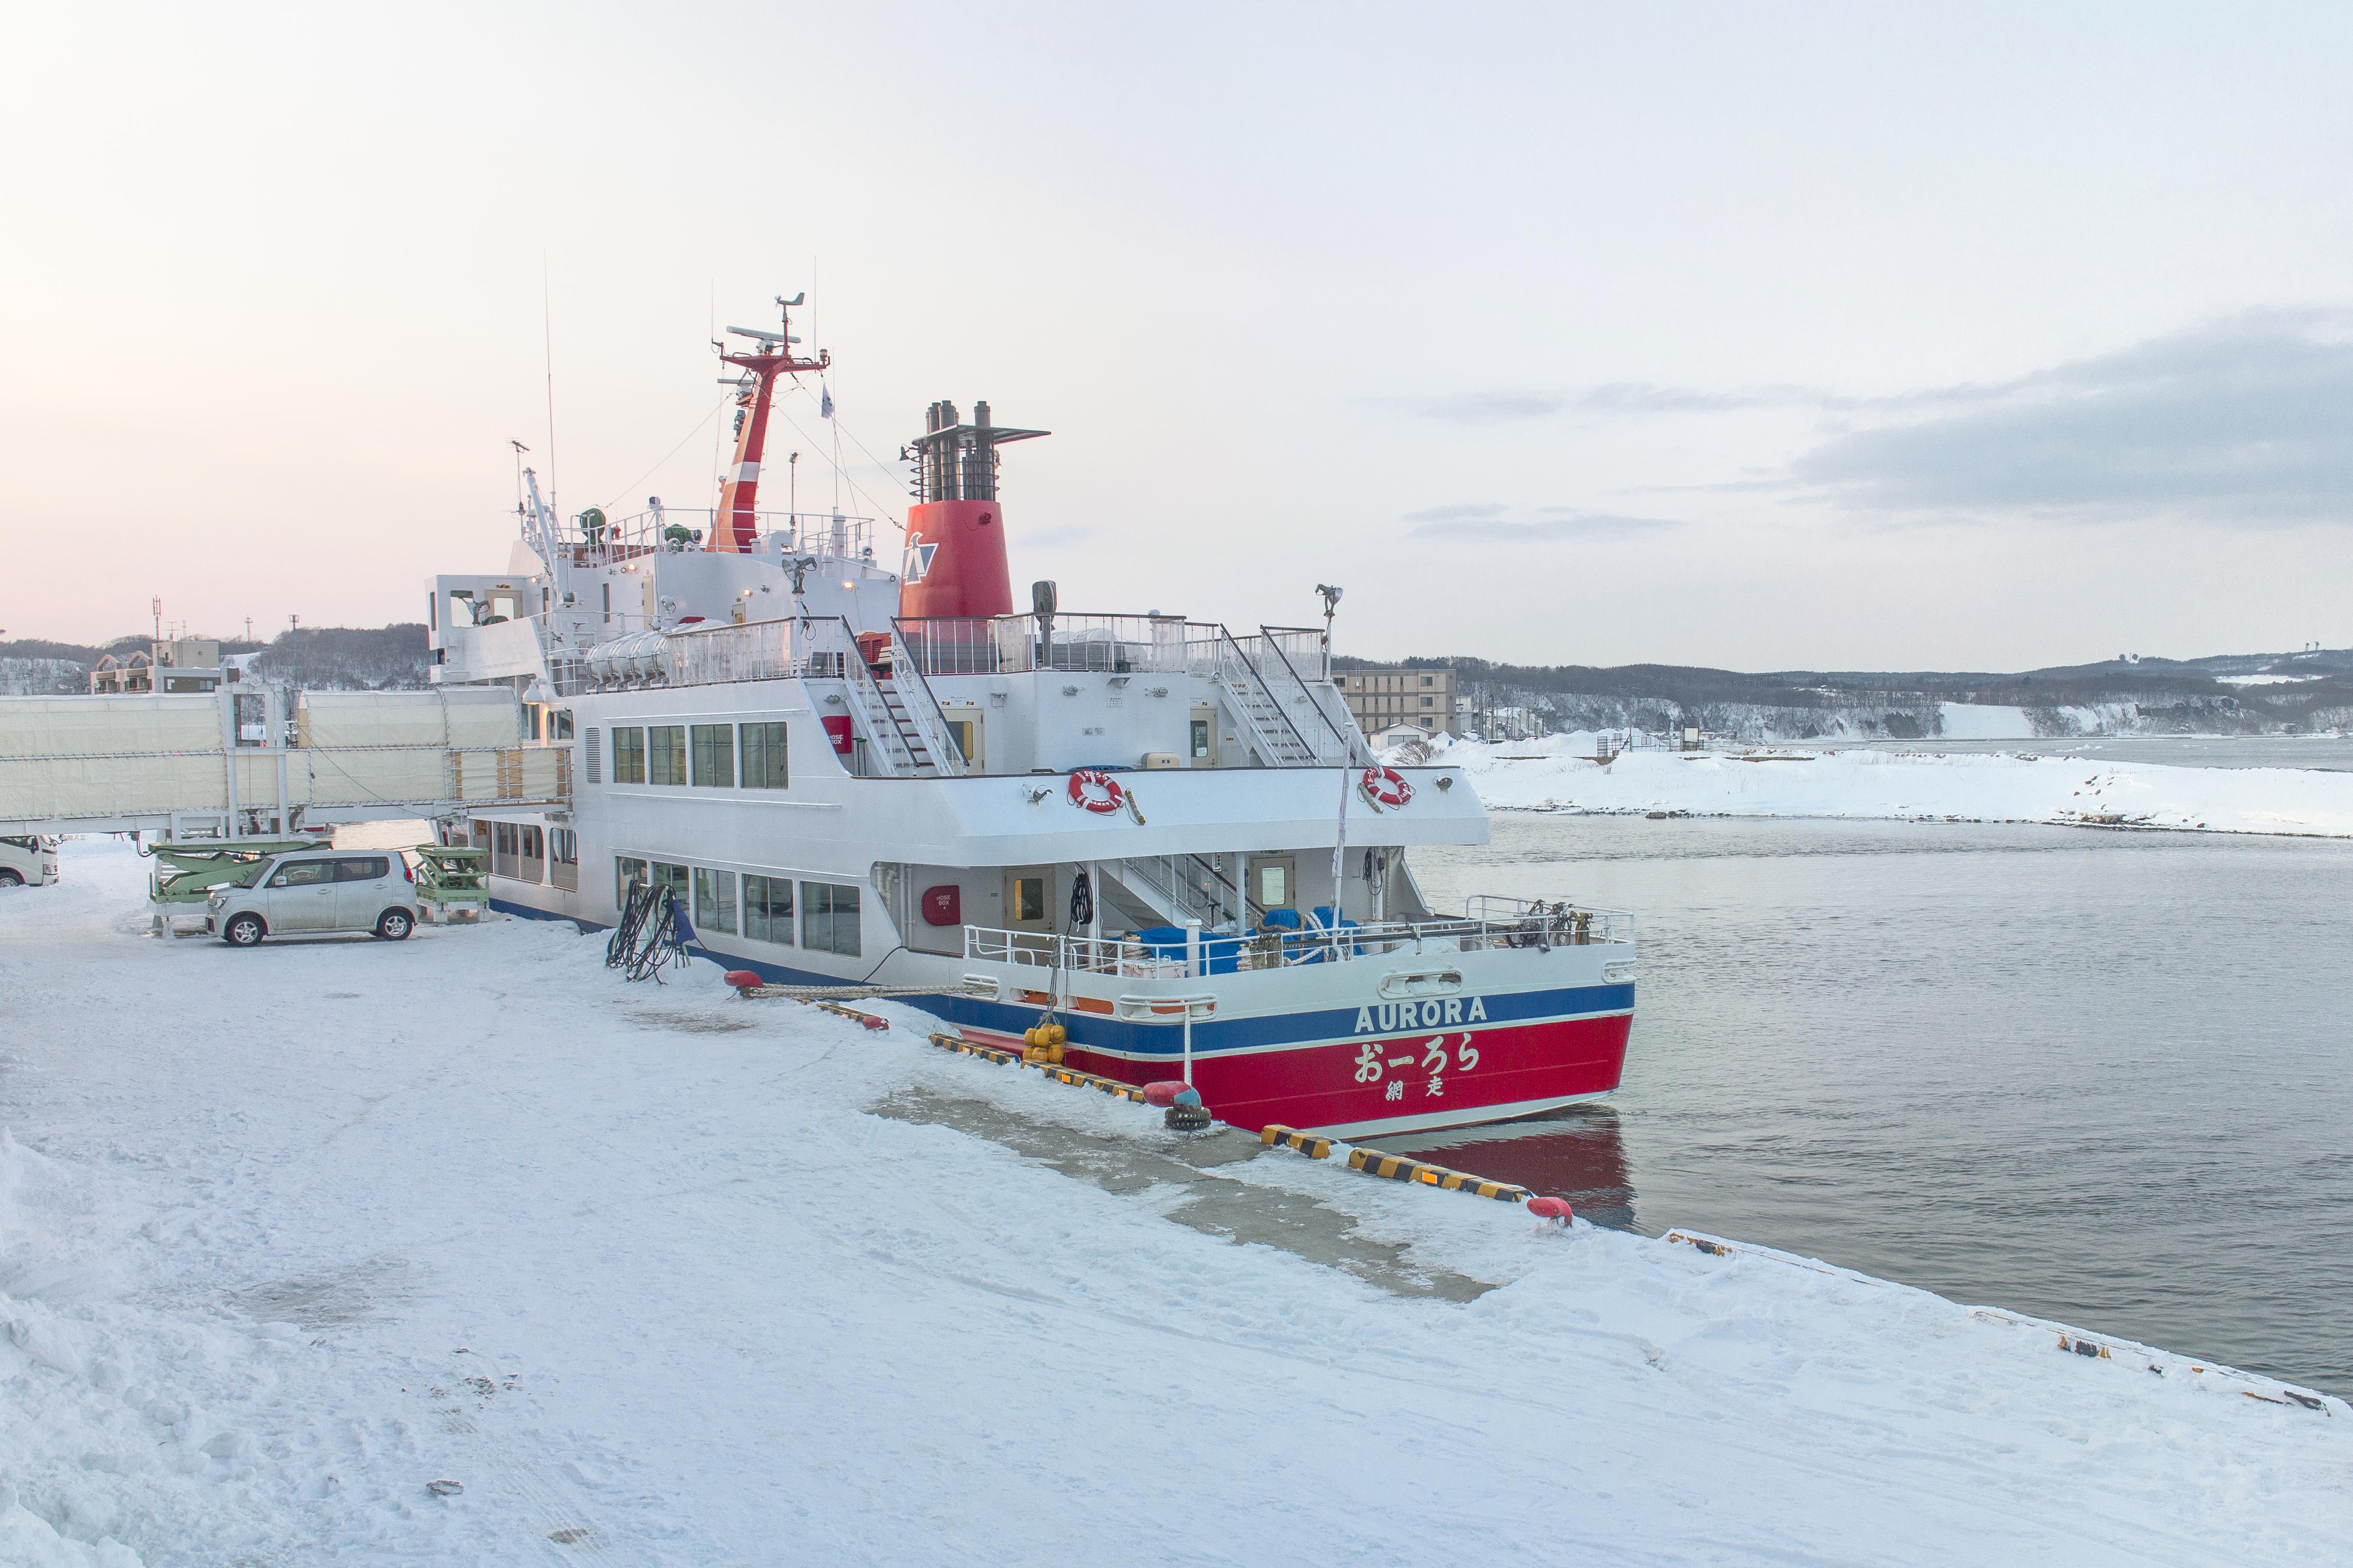 極光號知床岬航路觀光遊船